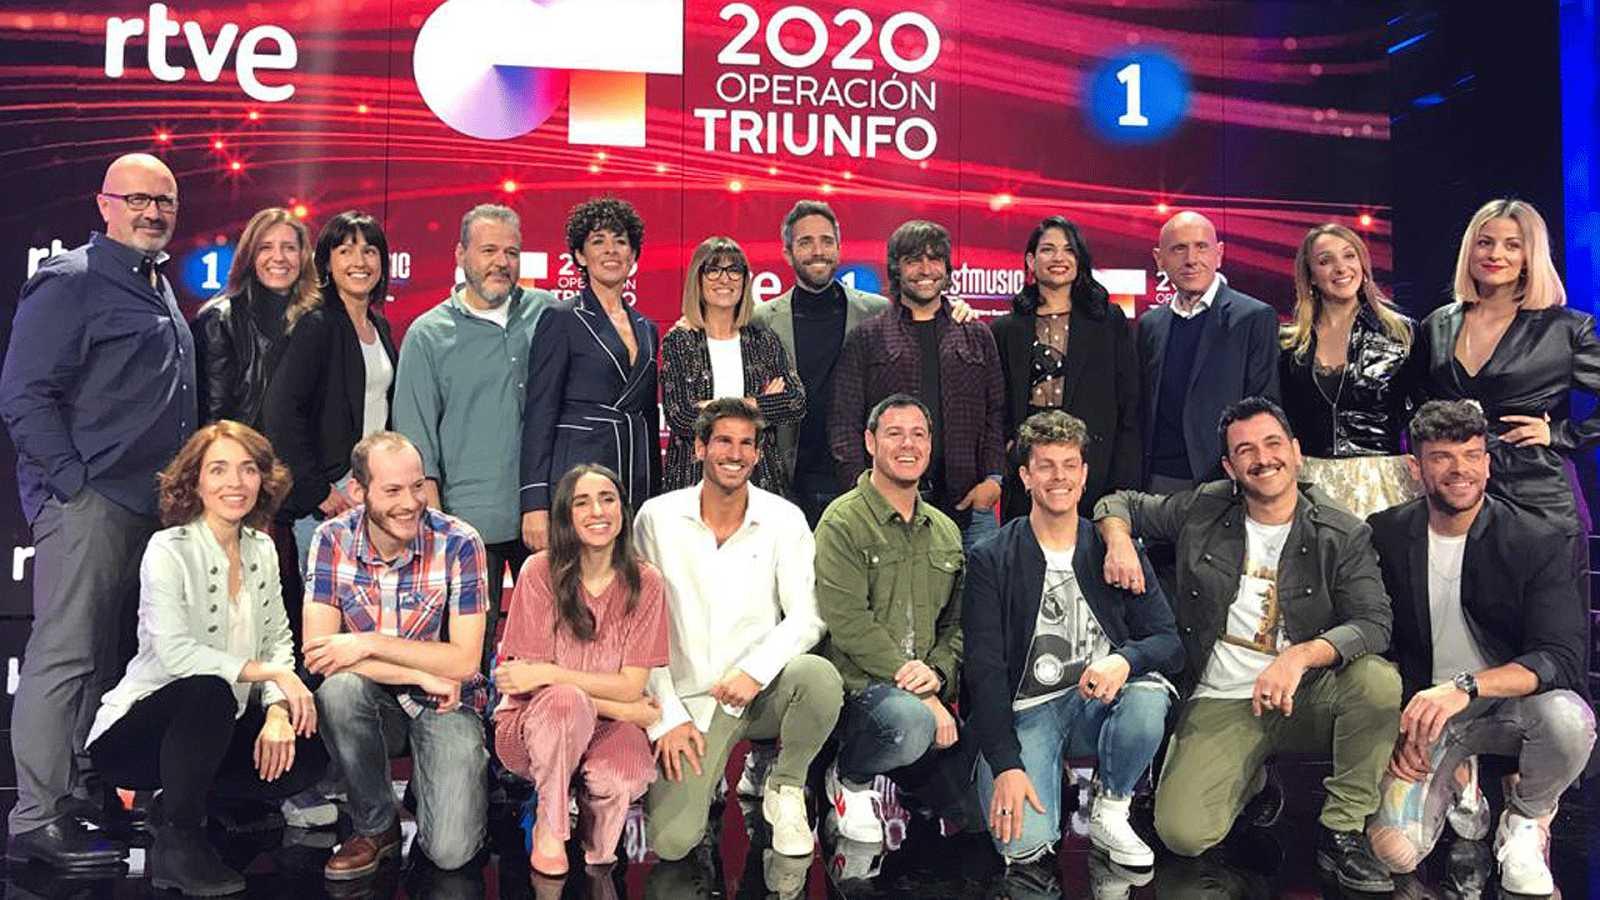 La familia de OT 2020